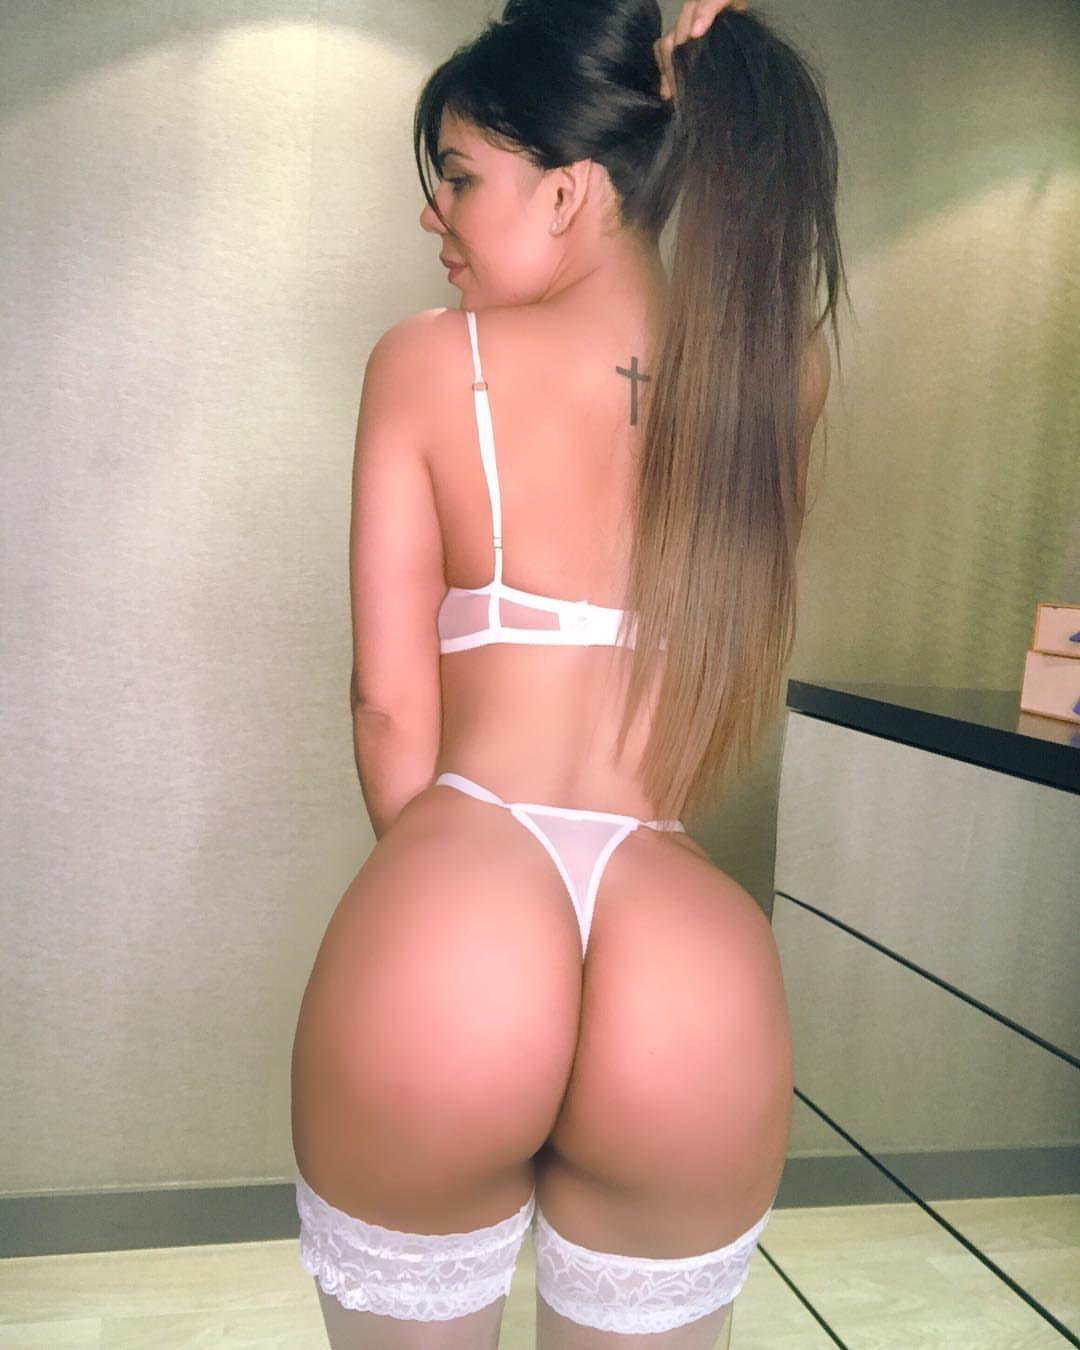 Suzy Cortez Se Revolcó Desnuda En La Cama Con Una Pose Muy Provocadora